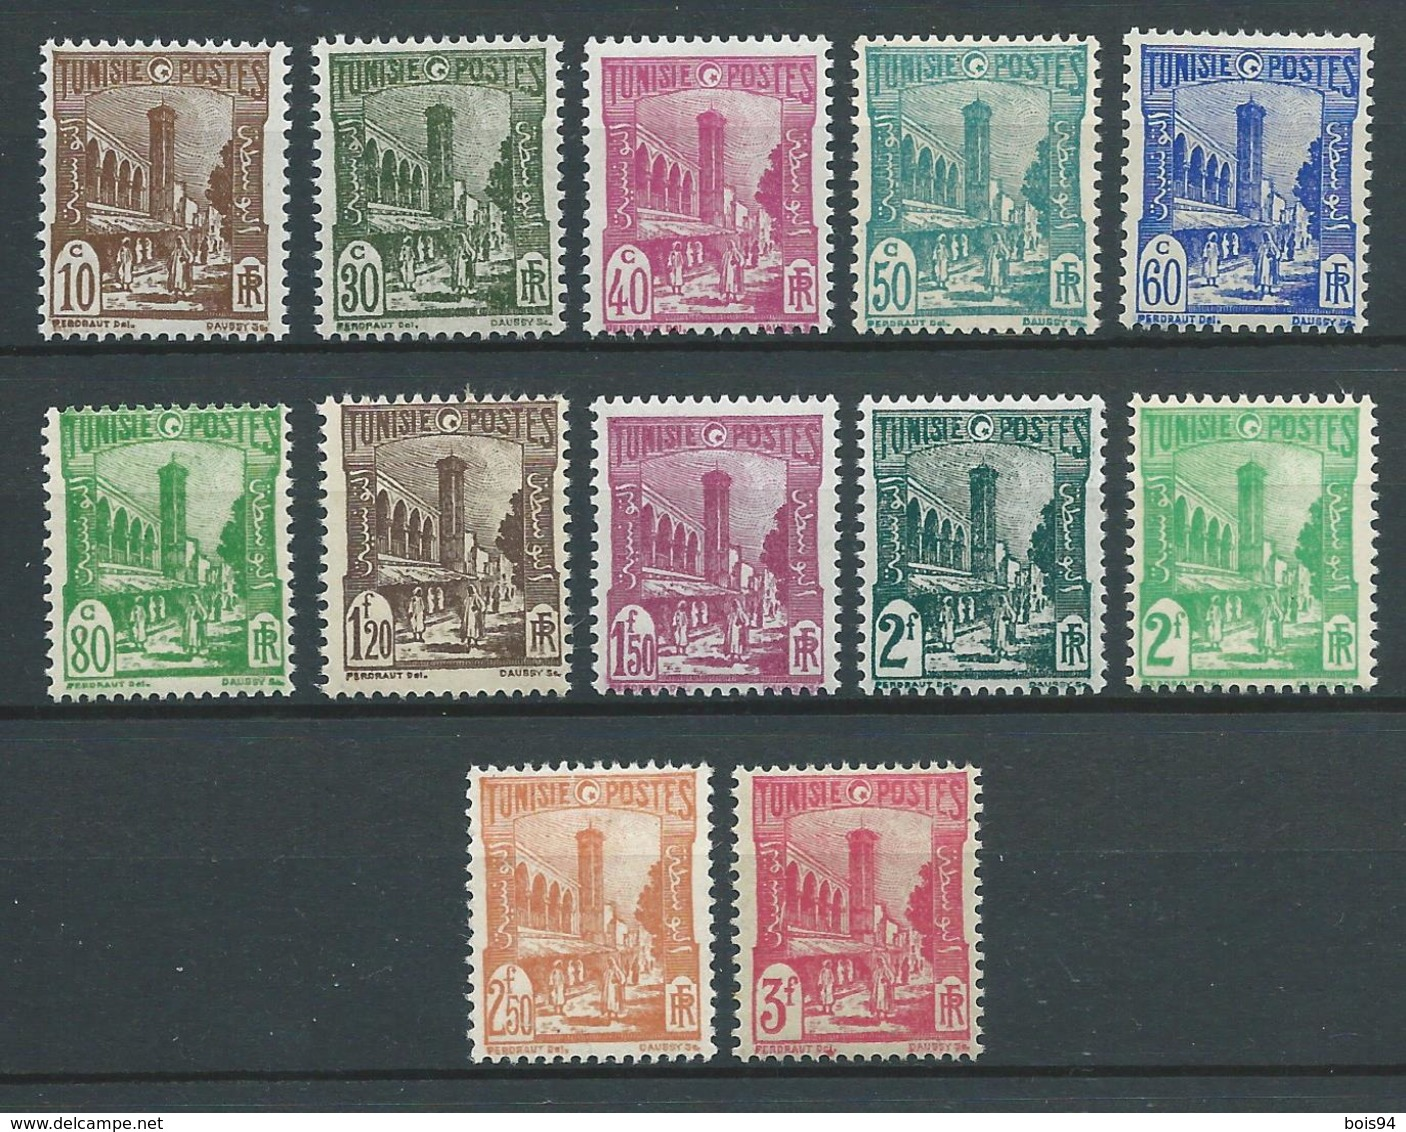 TUNISIE 1945/49 . N°s 273 à 281A + N°s 283 Et 285 . - Tunisie (1888-1955)